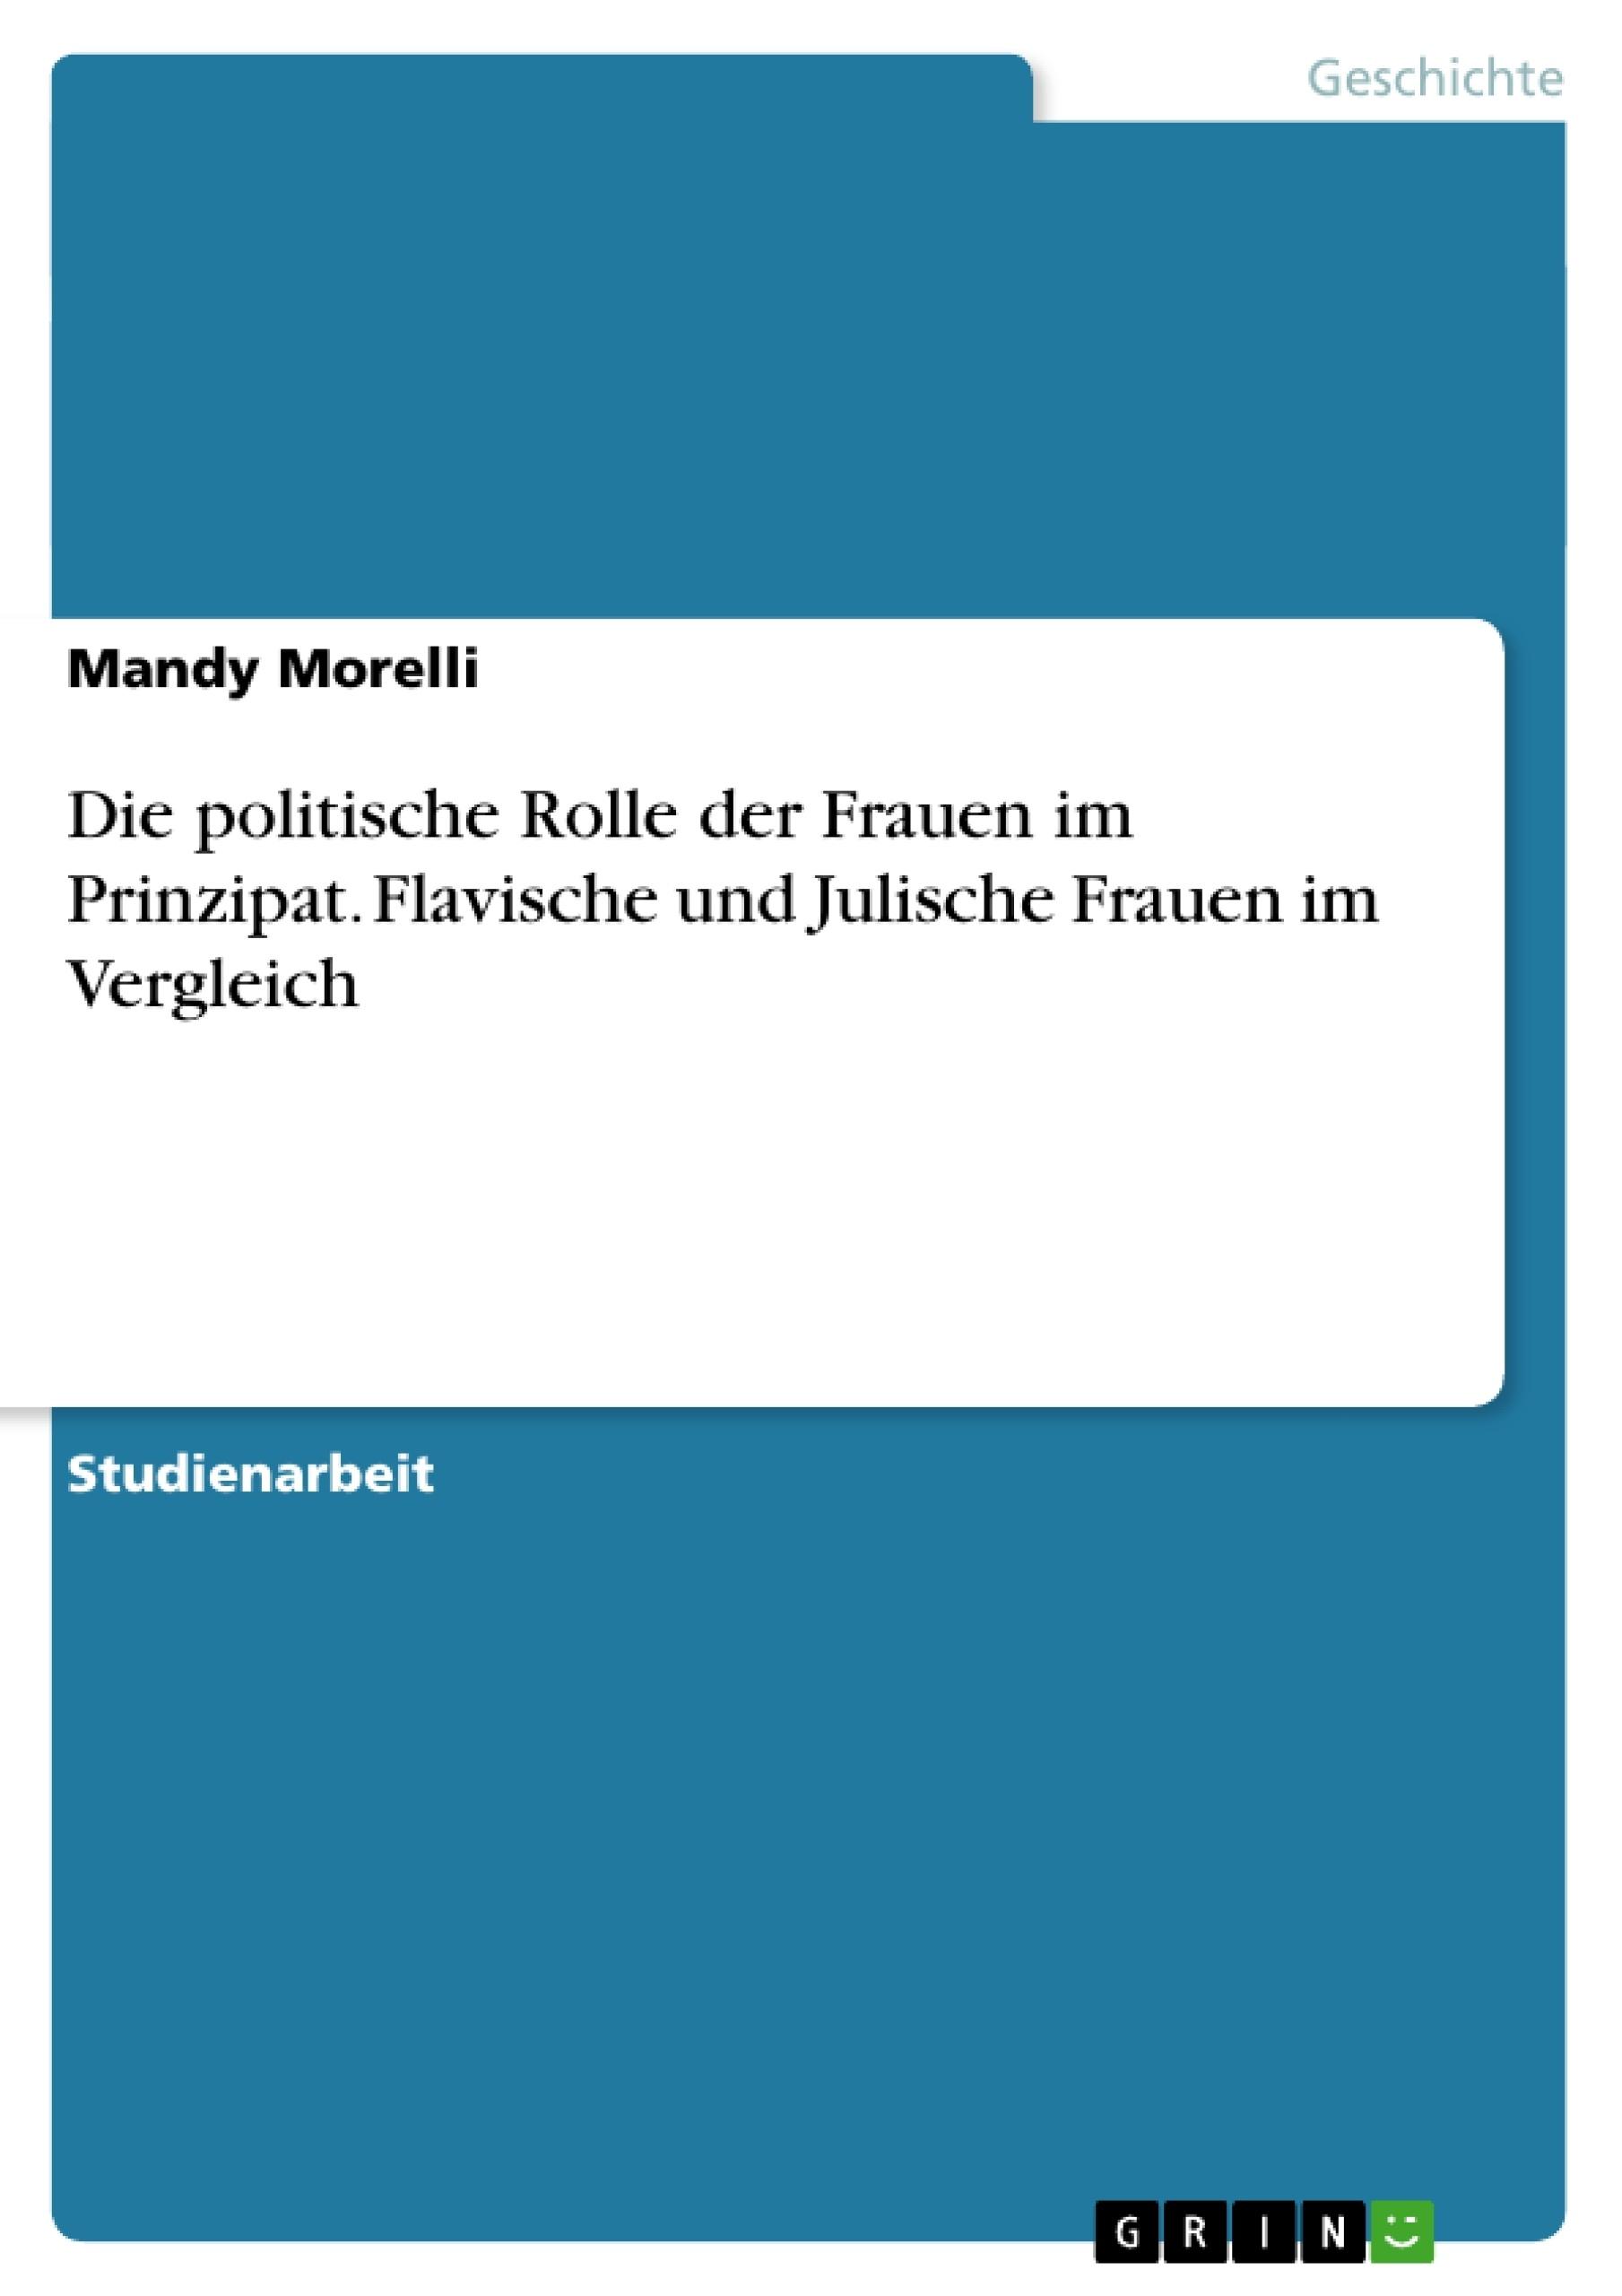 Titel: Die politische Rolle der Frauen im Prinzipat. Flavische und Julische Frauen im Vergleich